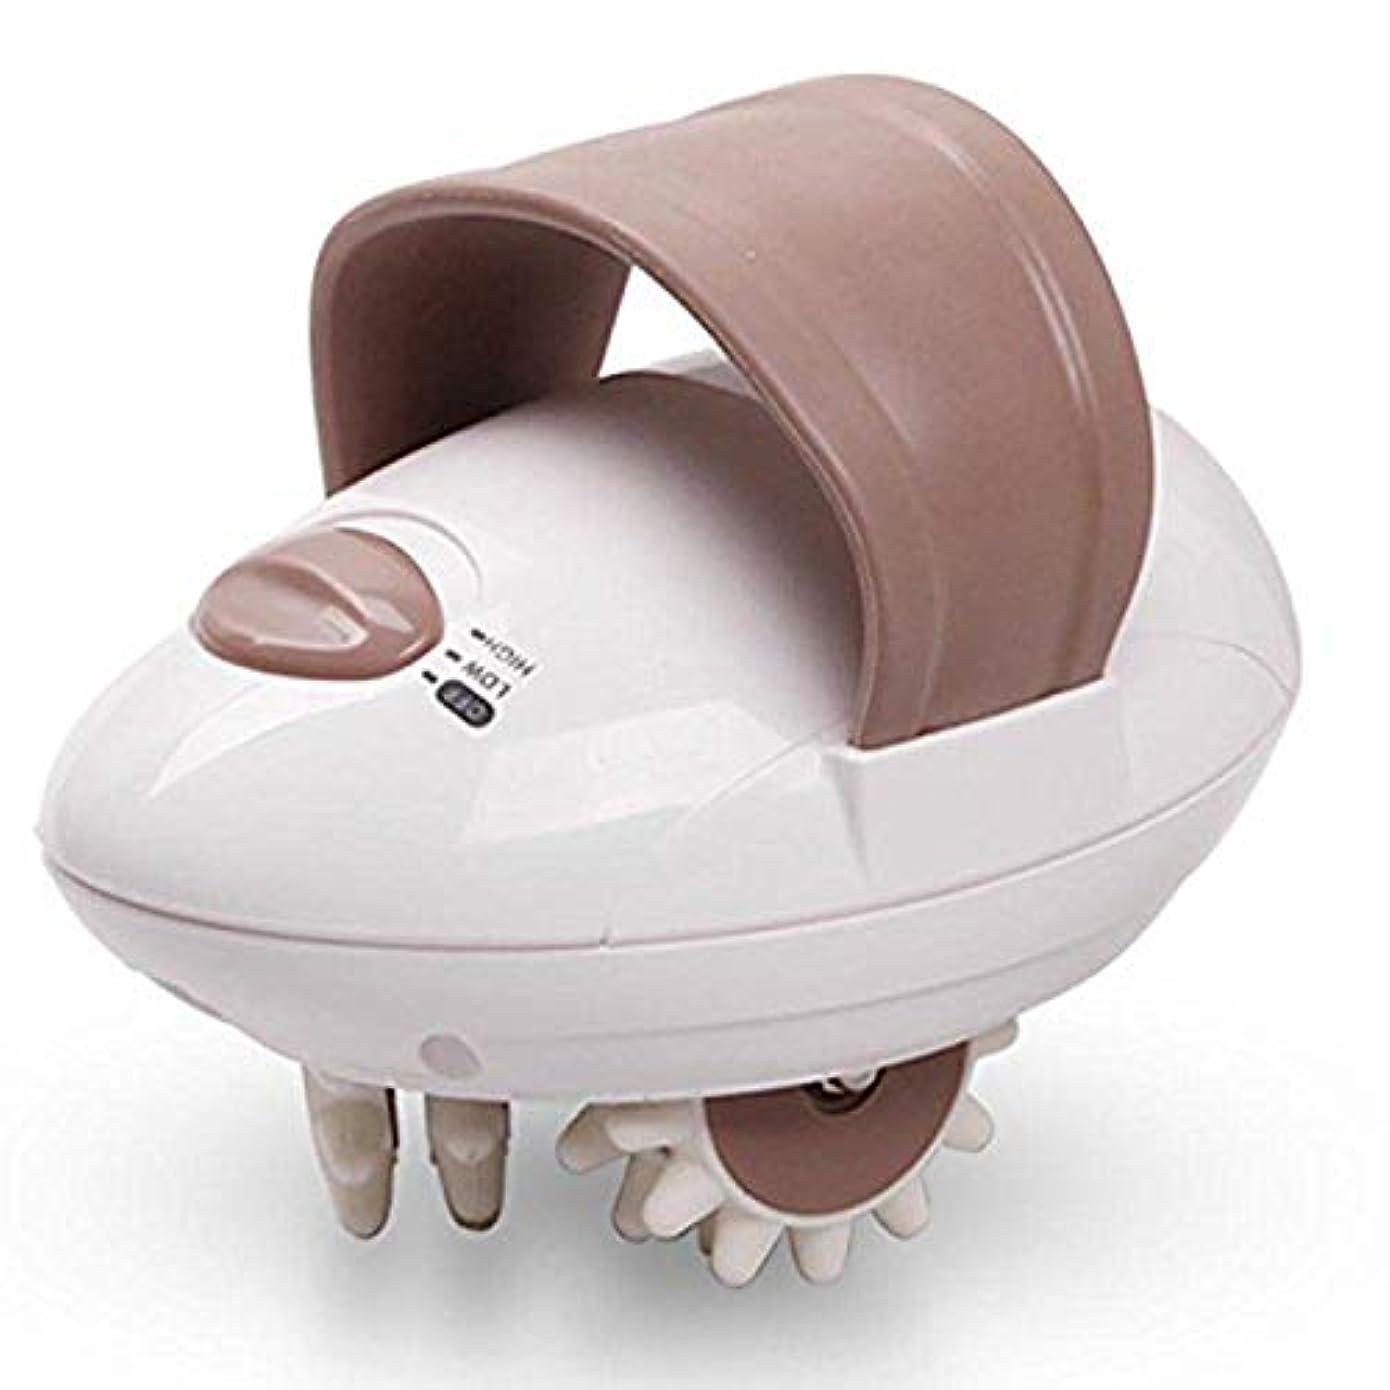 くすぐったい家族支給3D Electric Full Body Slimming Massager Roller Cellulite Massaging Smarter Device Weight Loss Fat Burning Relieve...